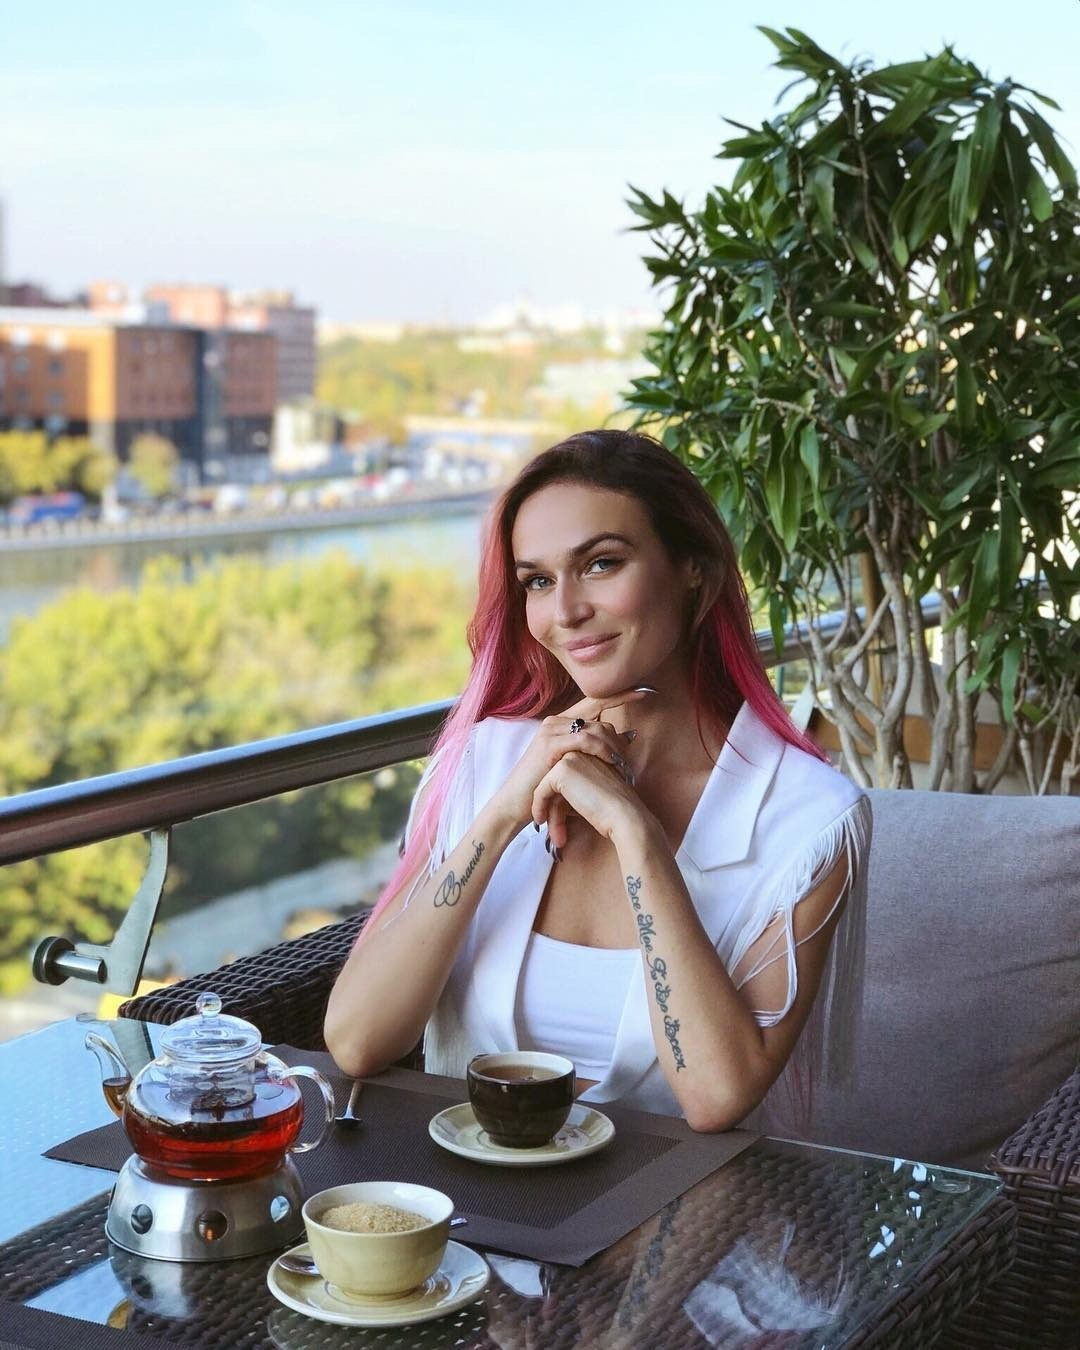 Алена Водонаева оправдала поведение замужней Ксении Собчак